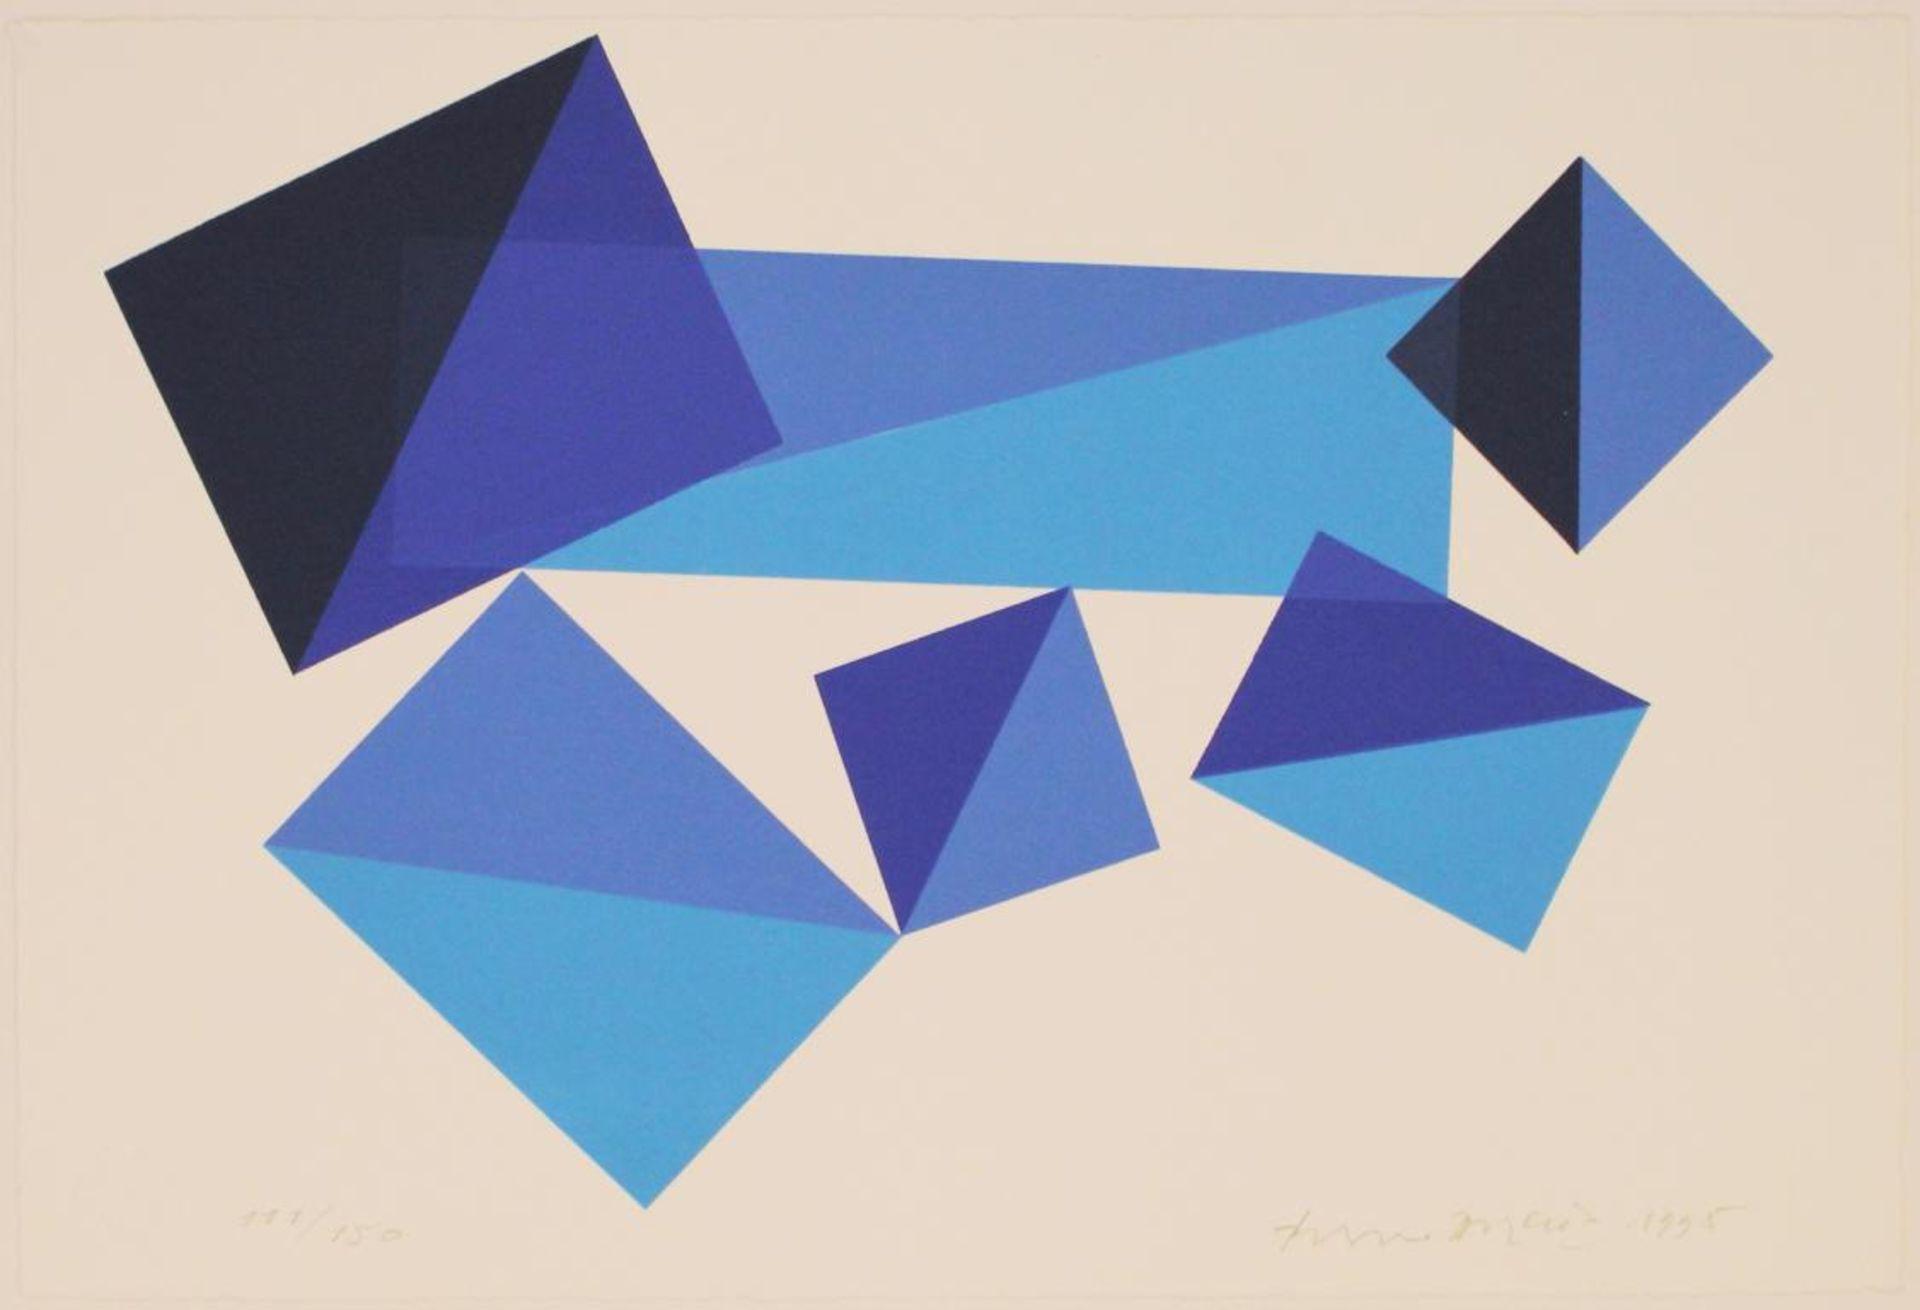 Doratio Piero (1927-2005) Ohne Titel 1995 Lithographie handsigniert, datiert und nummerieret 111/150